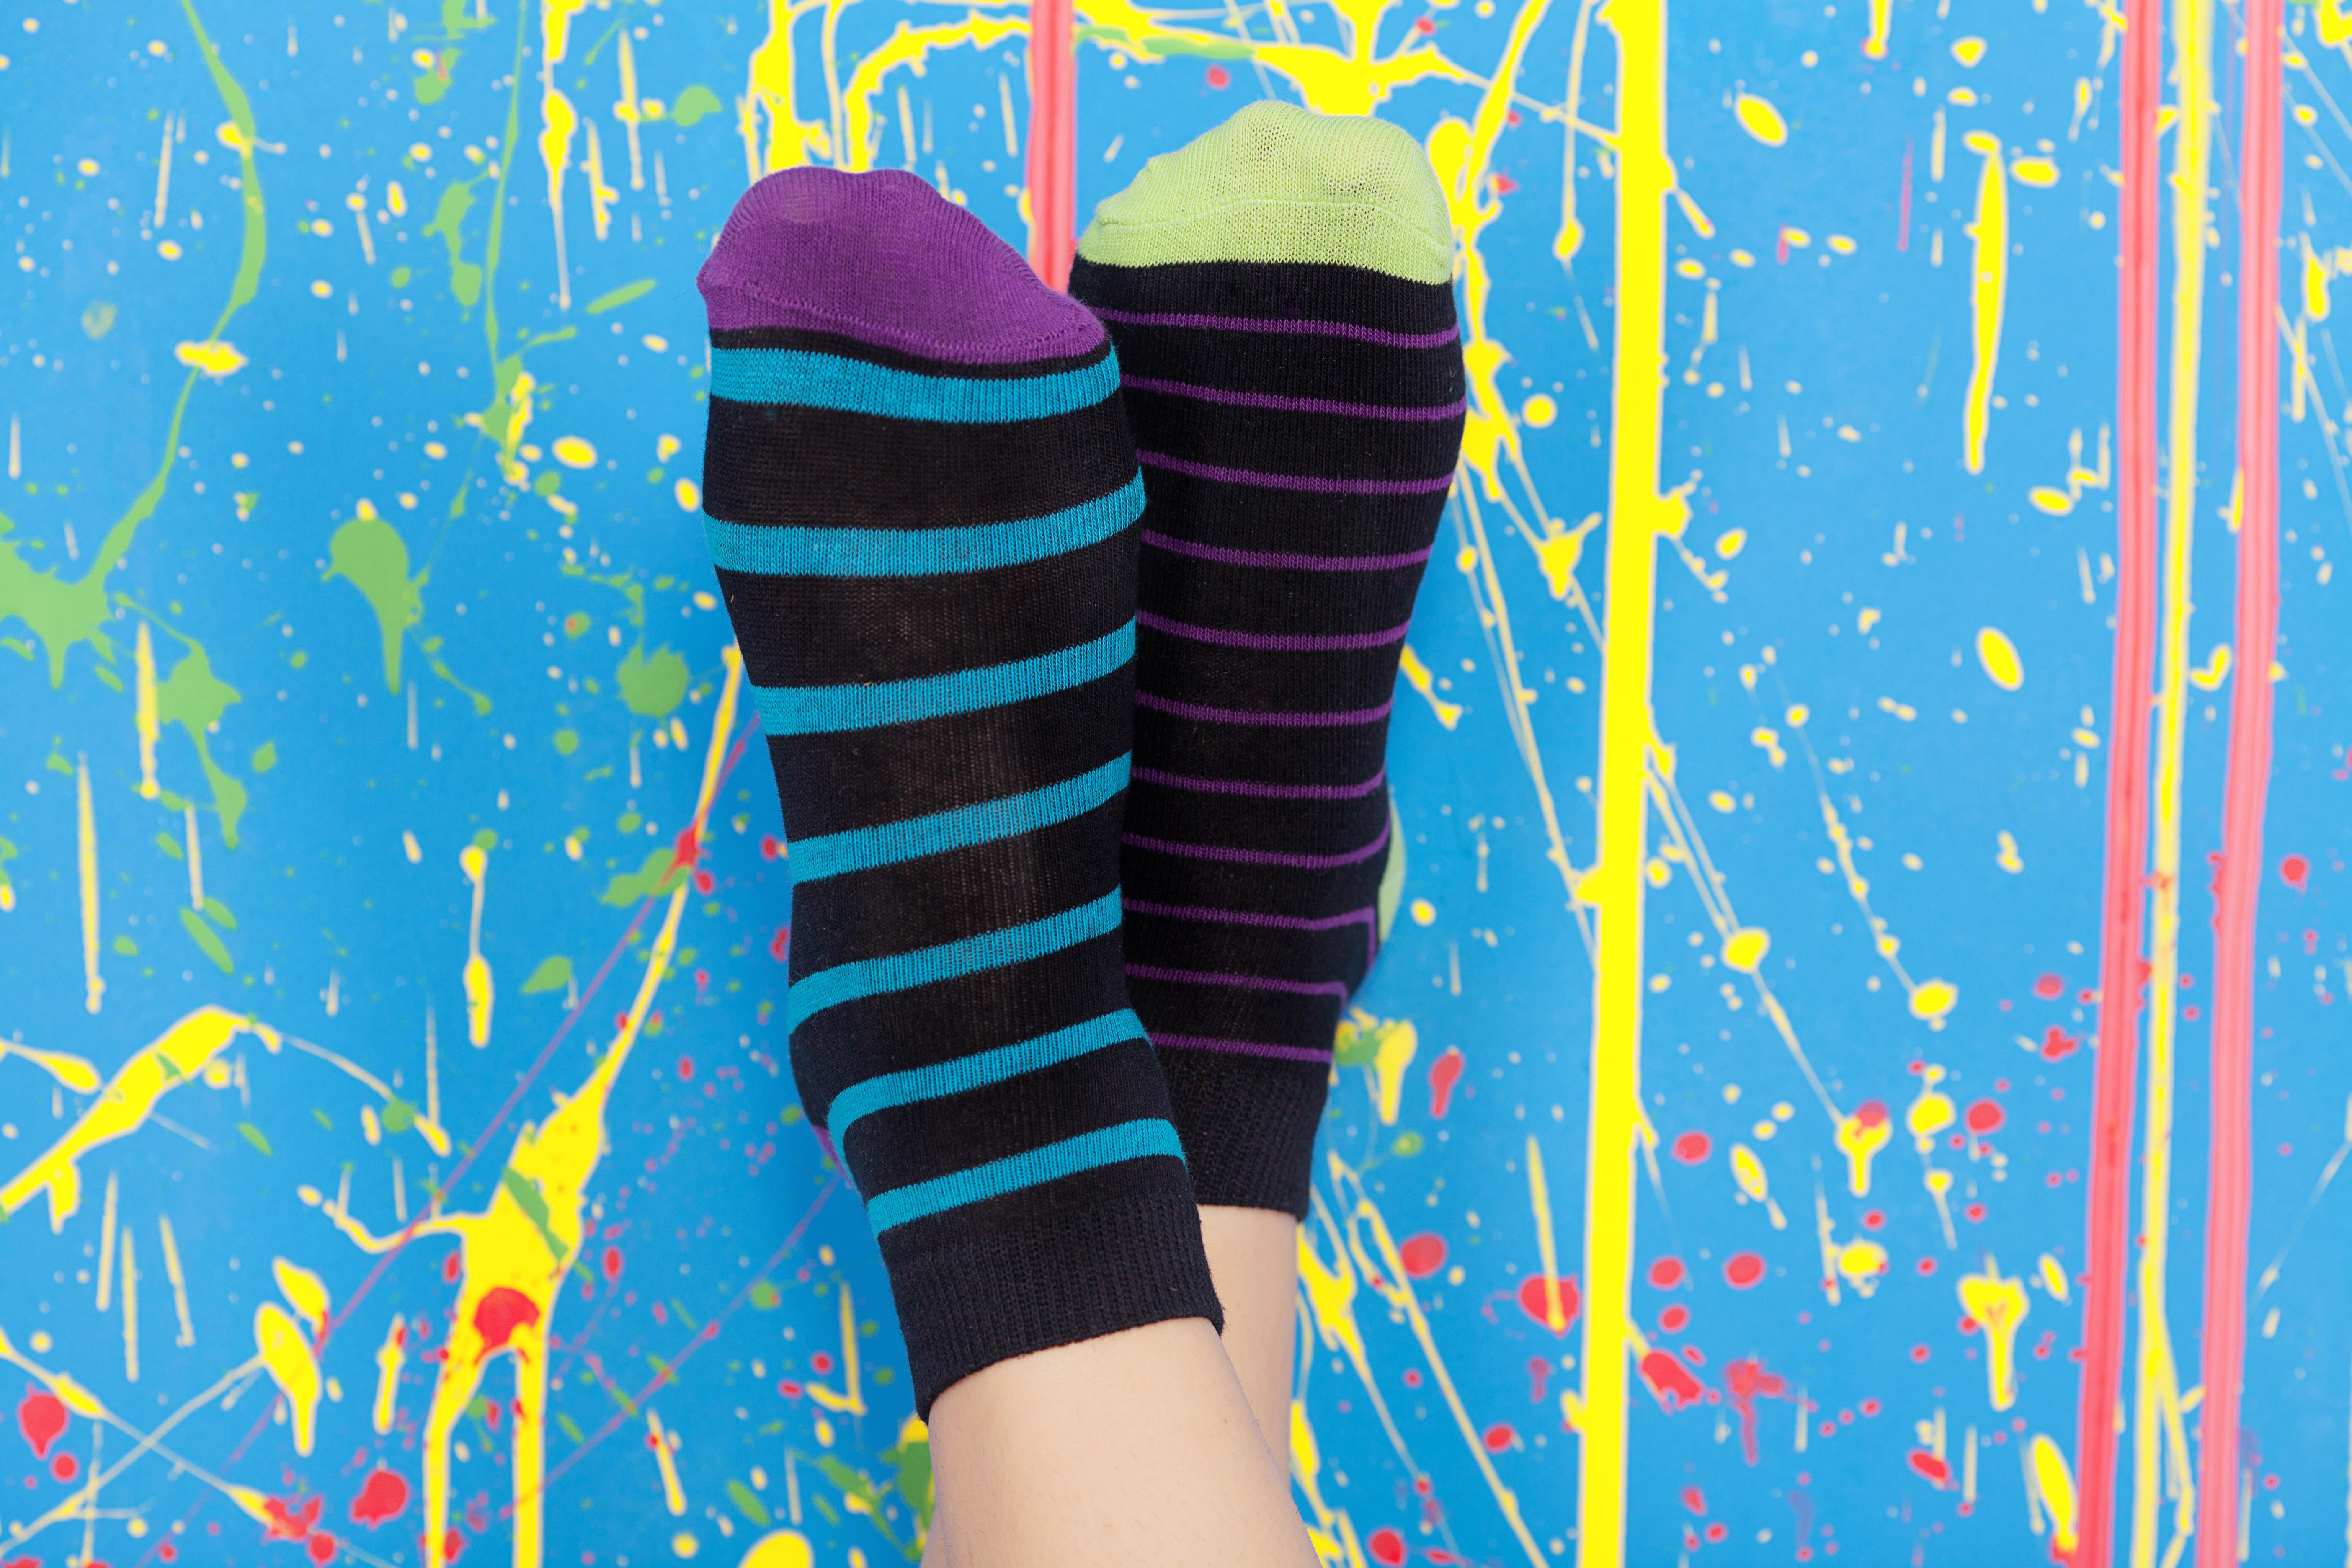 Att man rockar just sockar är för att kromosomer ser ut som små kryss precis som sockor som paras ihop med hälarna mot varandra.